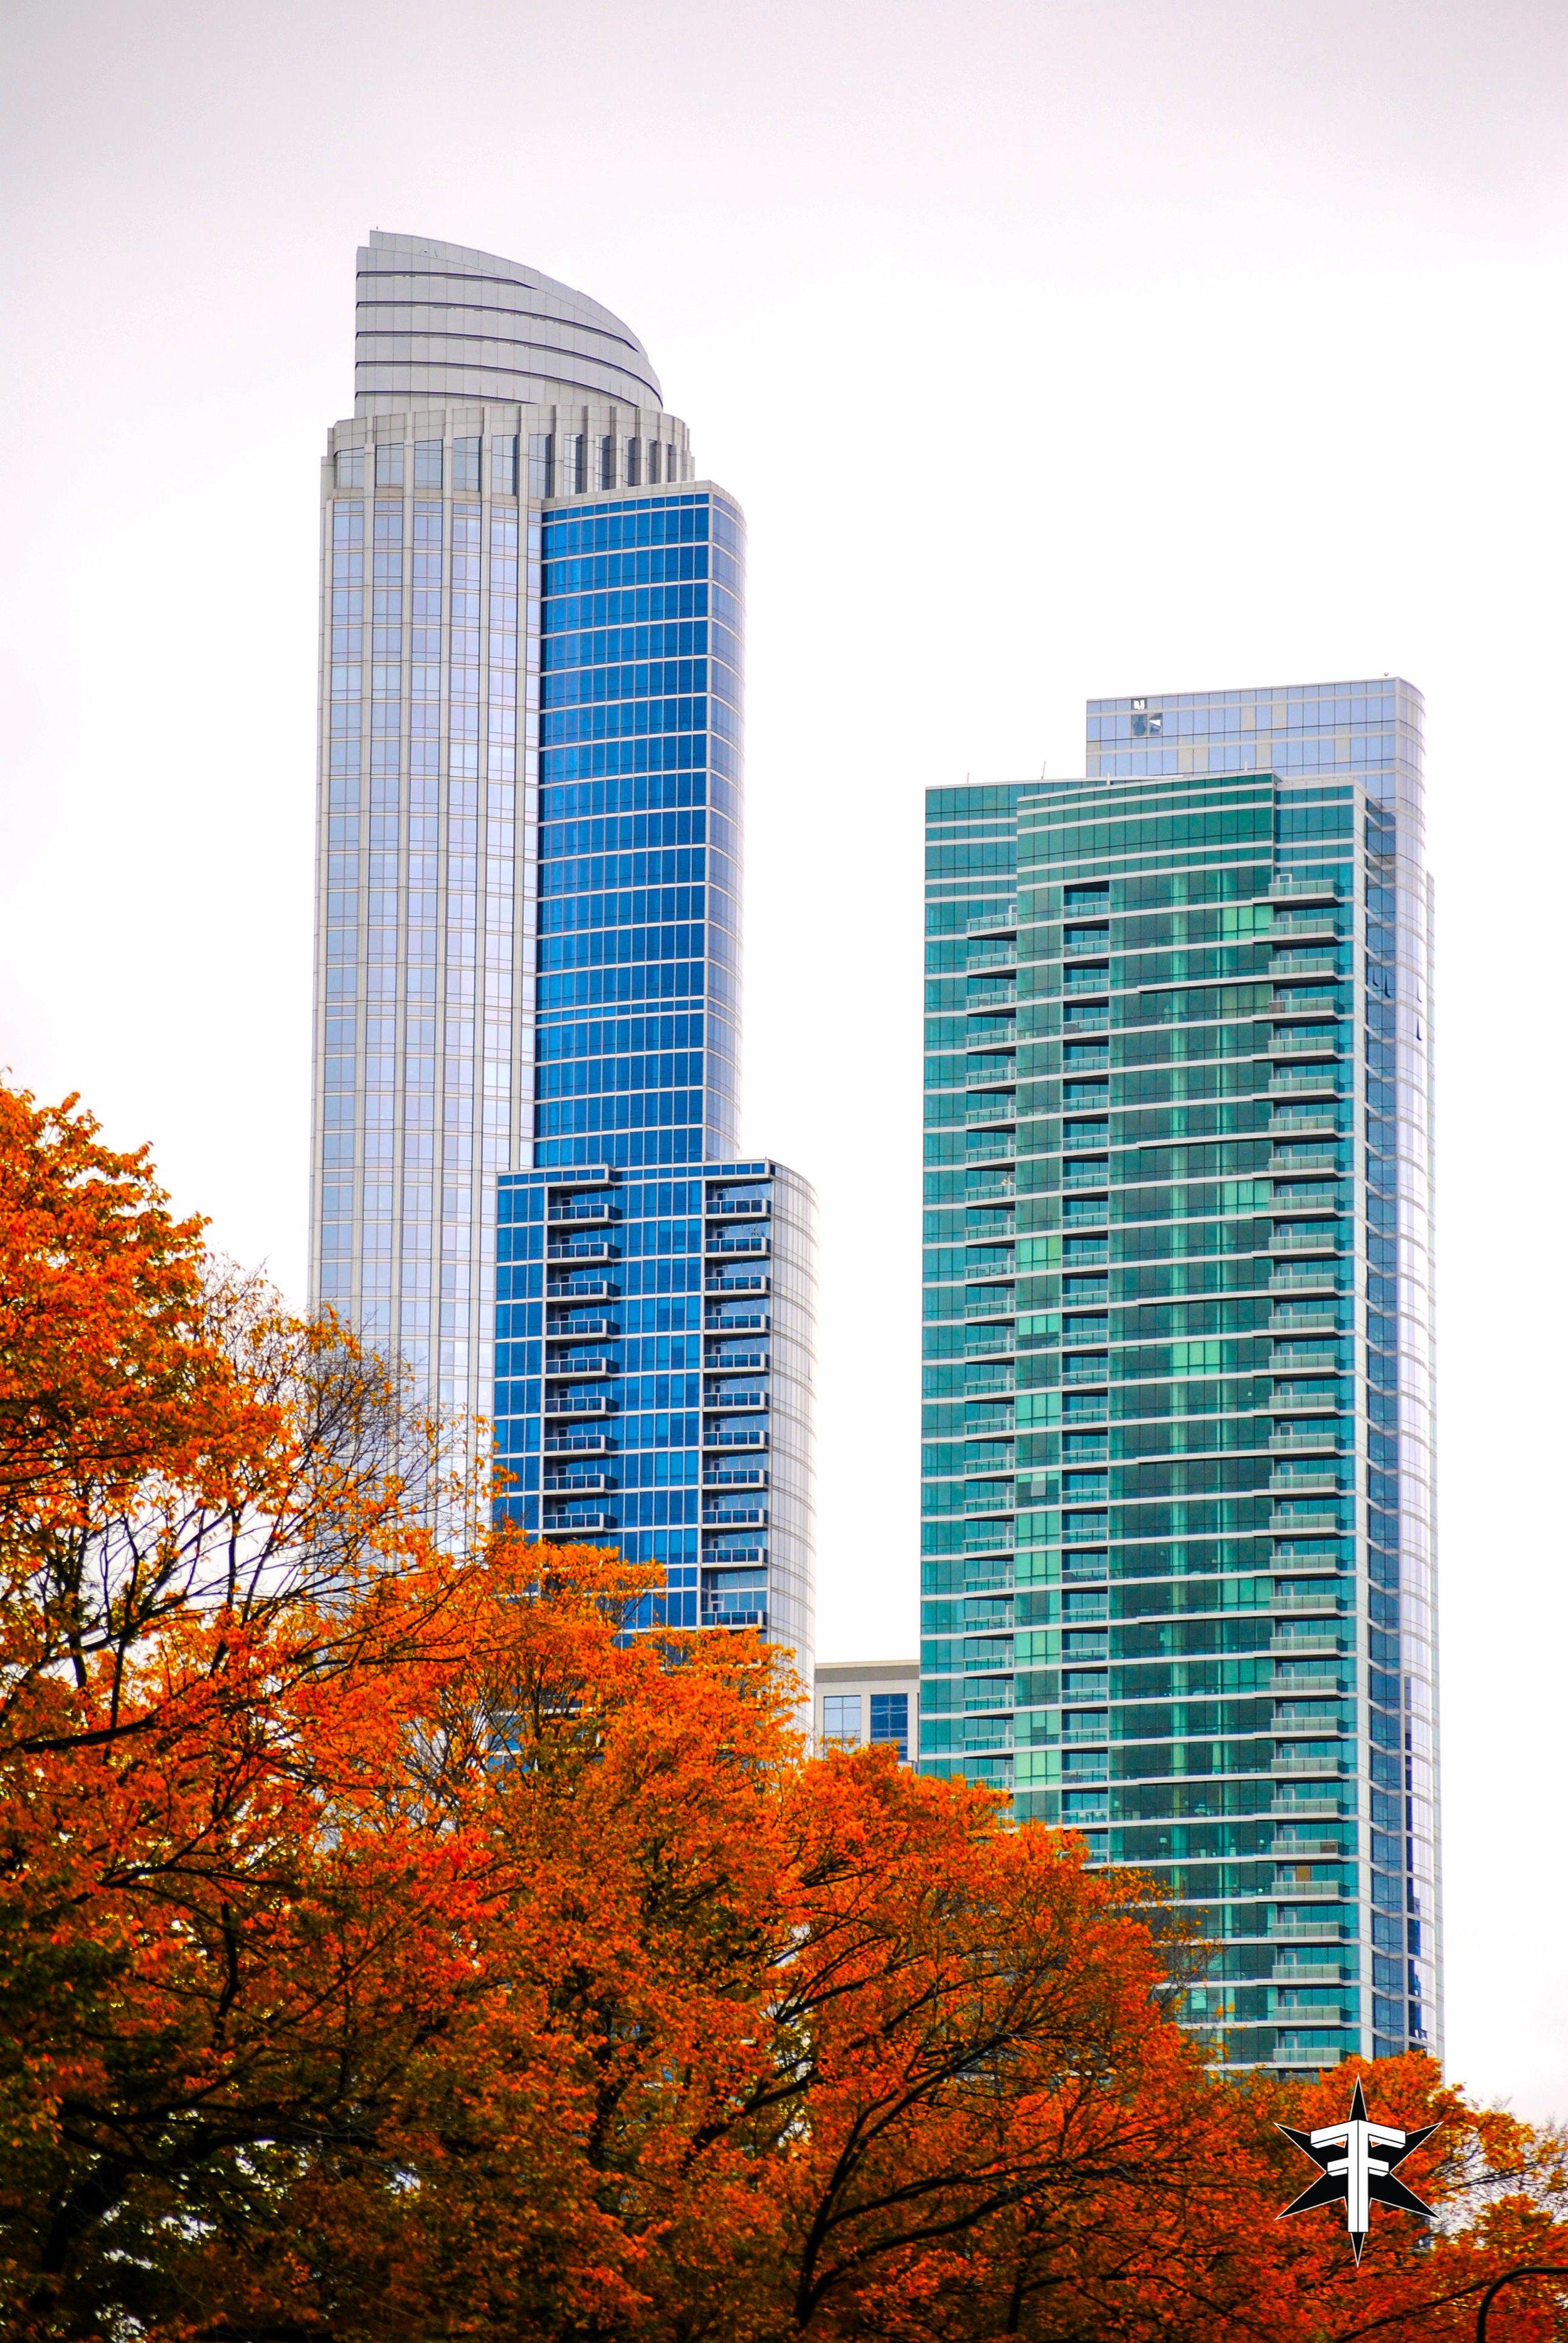 chicago architecture eric formato photography design arquitectura architettura buildings skyscraper skyscrapers-24.jpg